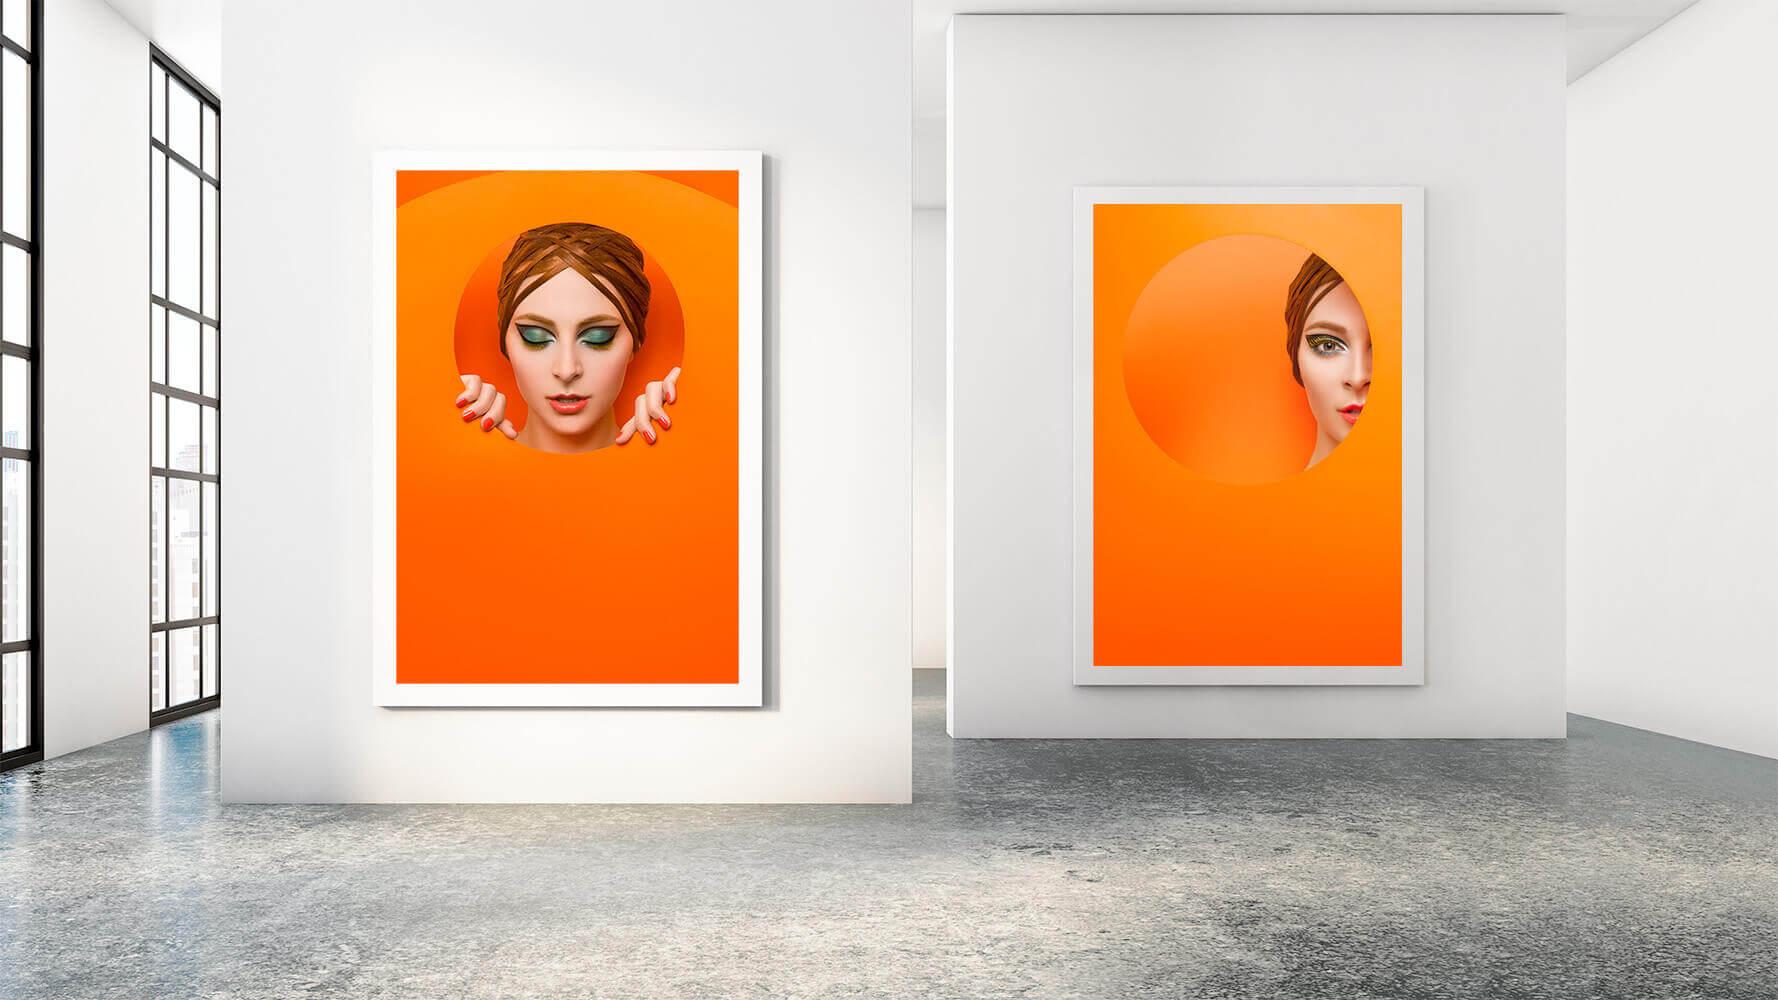 Angel-ruiz-ruiz-exposicion-venus-vere-lete-papillon-Horno-Virtual-Gallery-galeria-arte-fotografia-artistica-edicion-limitada-decoracion